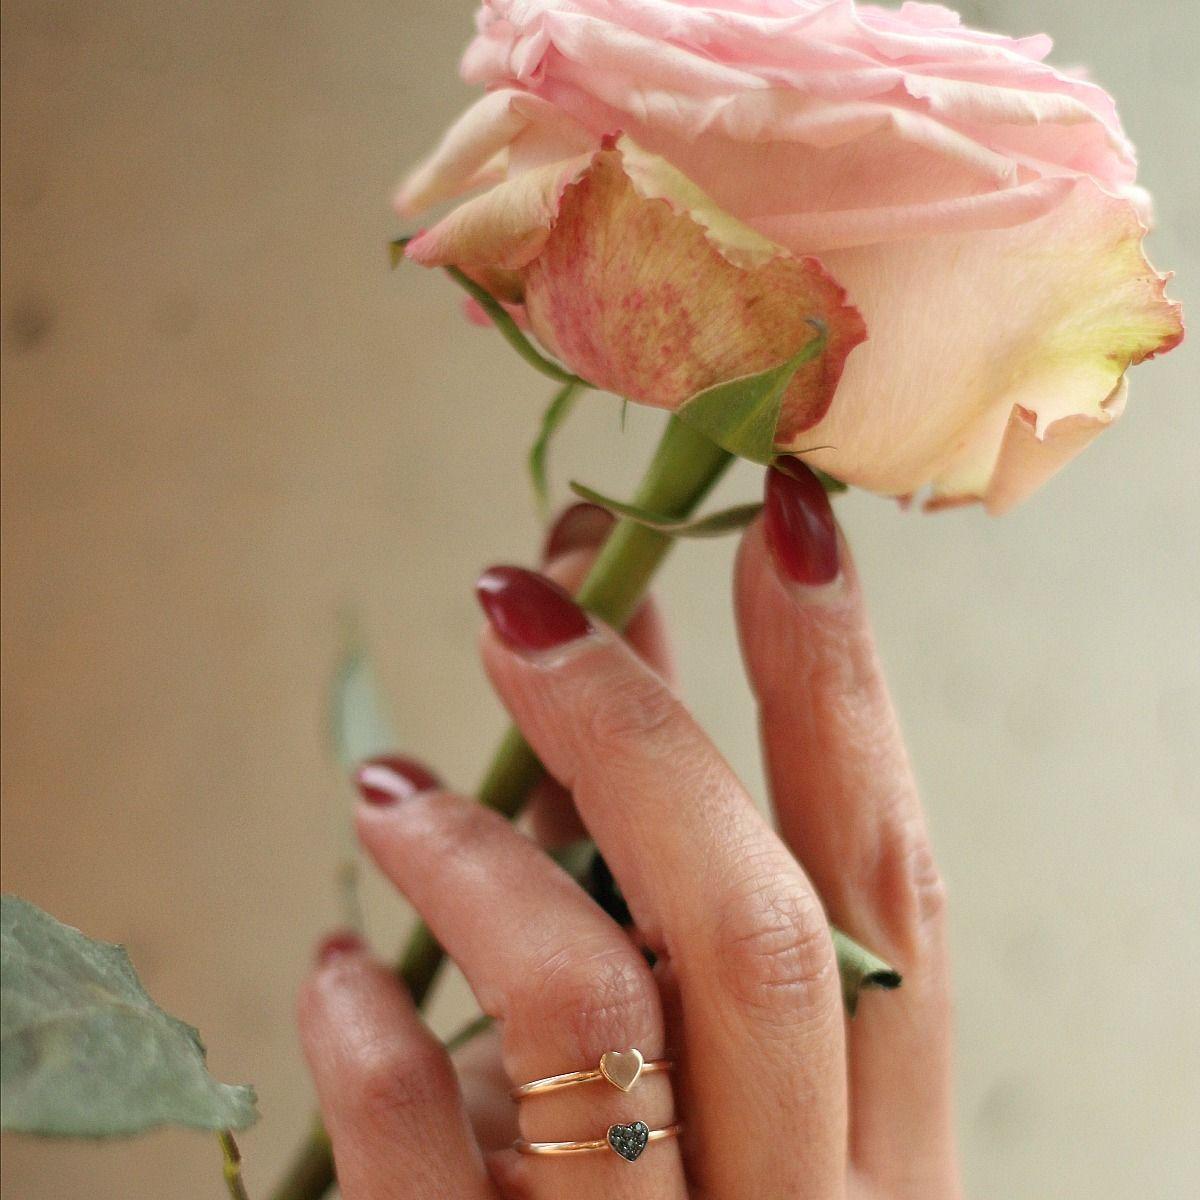 Der Valentinstag Naht, Aber Was Schenken? Wir Haben Tolle Geschenkideen Für  Euch.